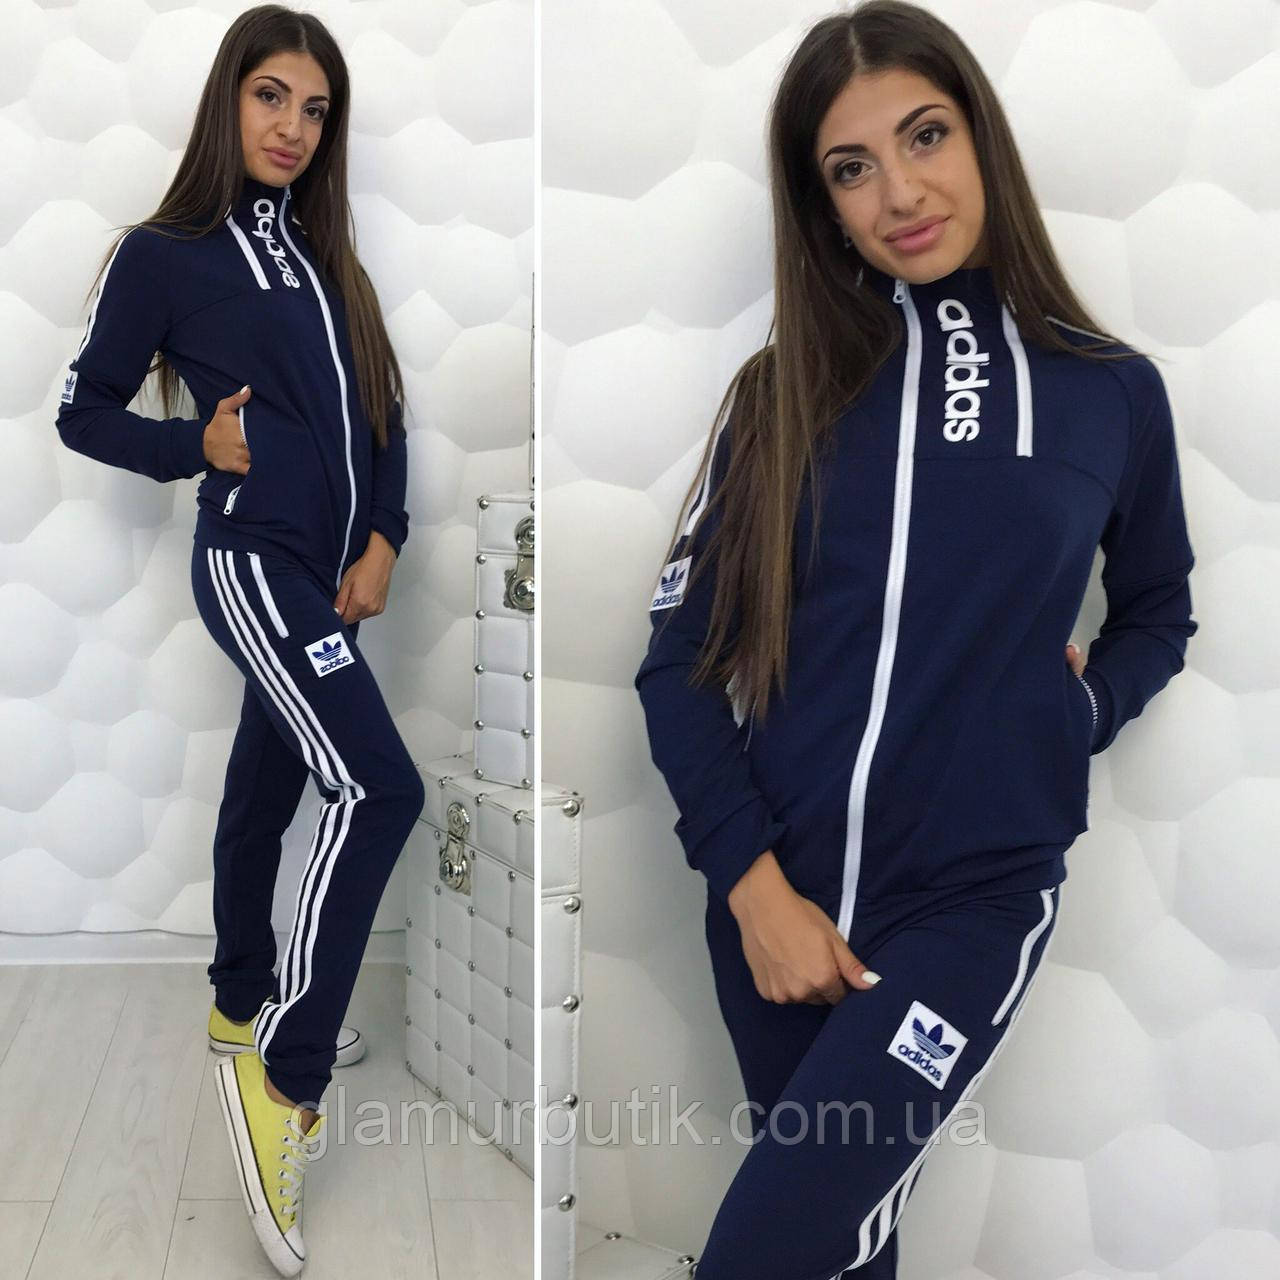 2cad9c5e Женский спортивный костюм штаны с длинной кофтой Adidas синий 42-44 44-46  больших